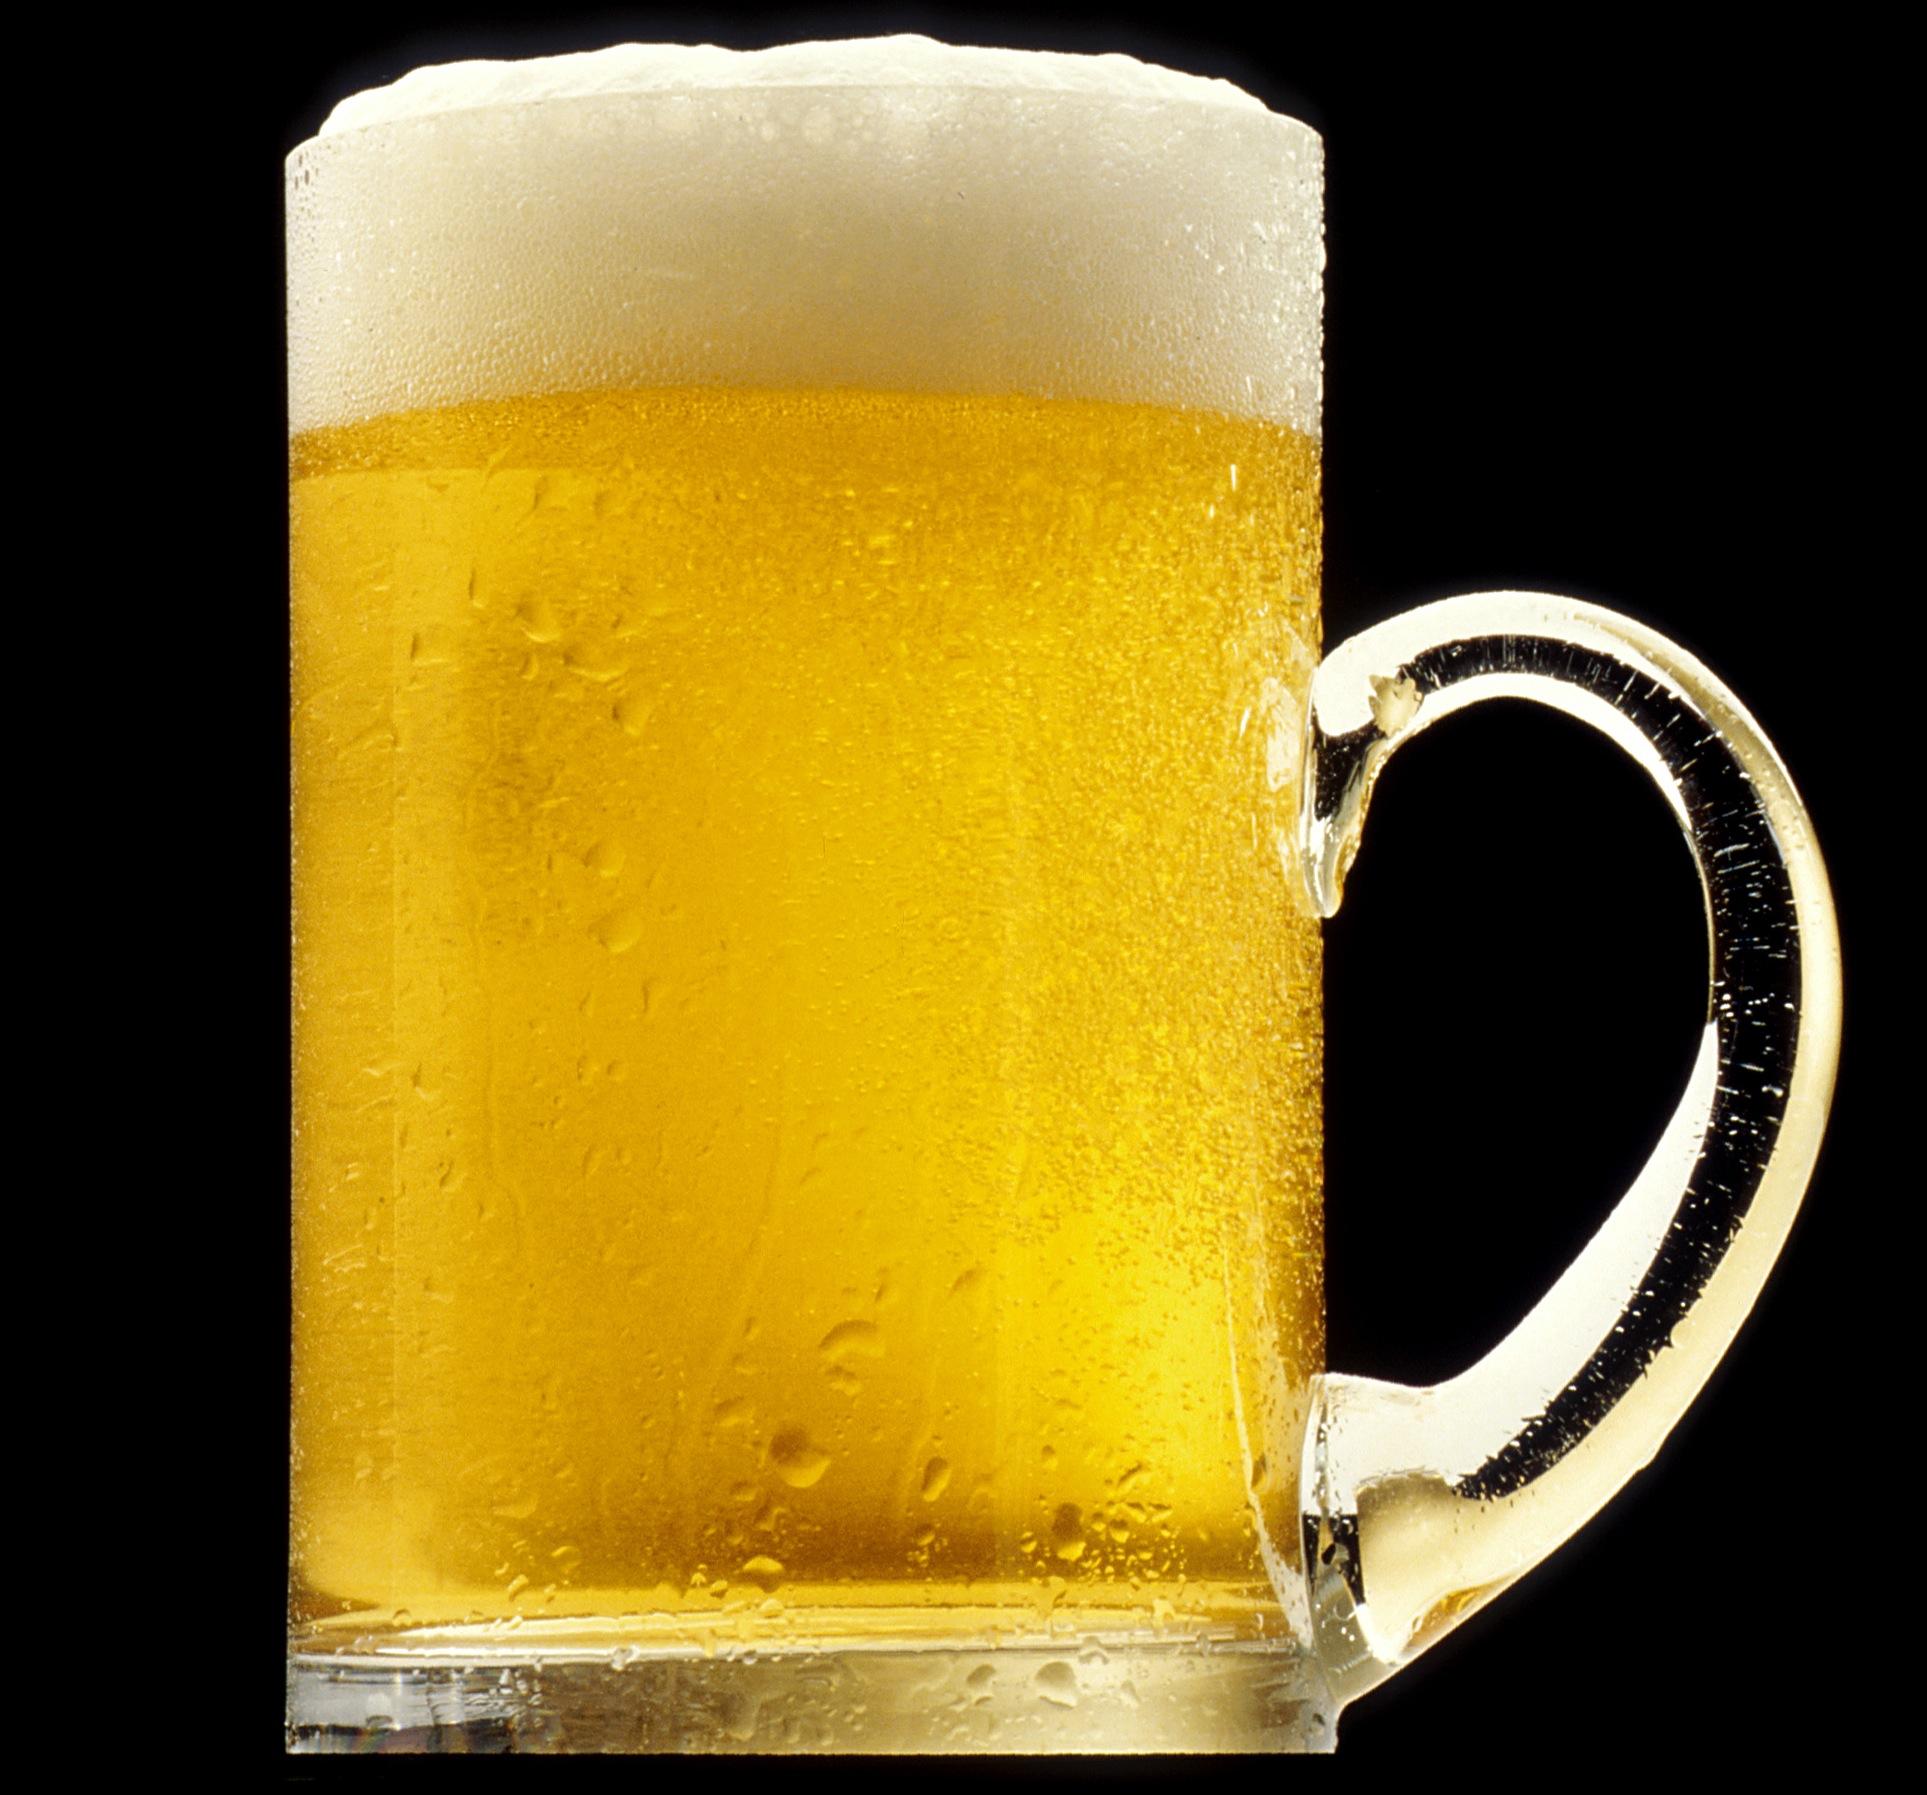 кружка пива, скачать фото